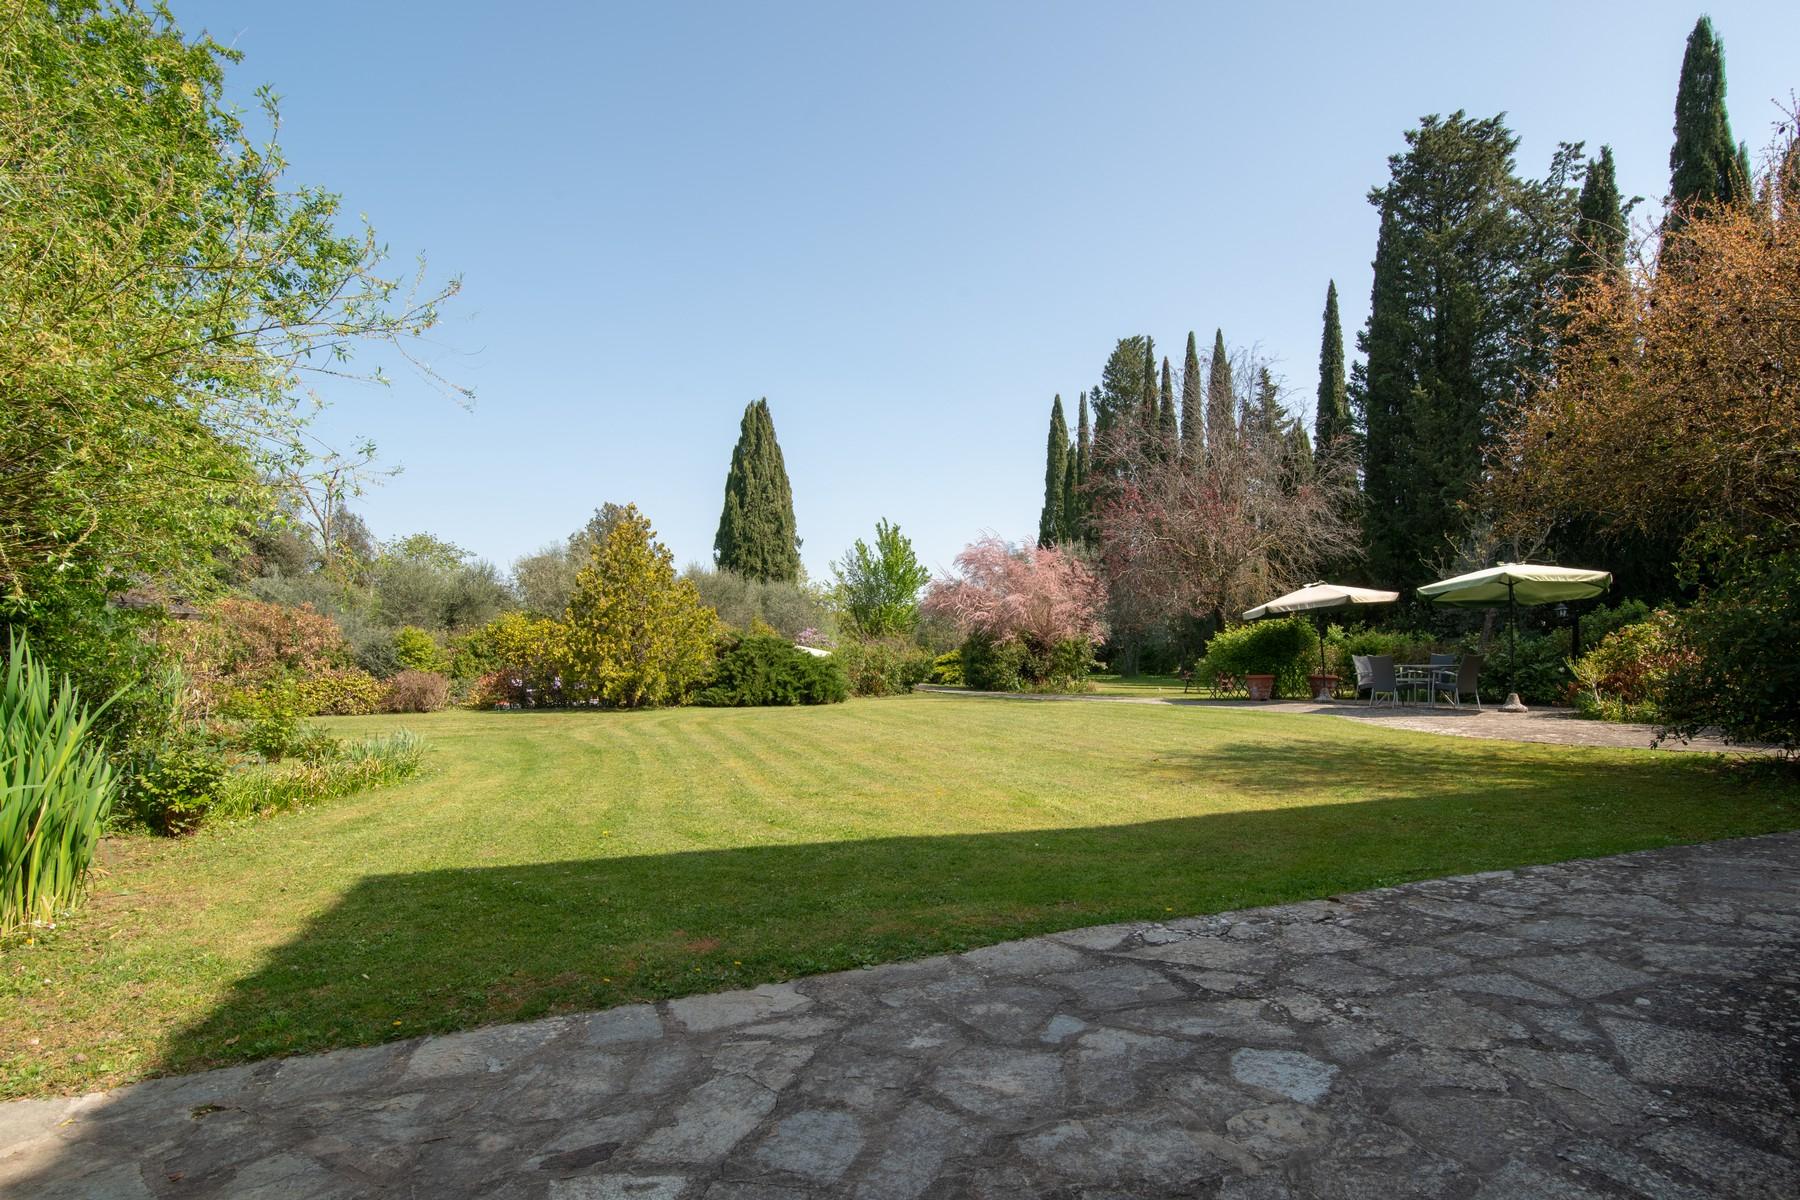 Rustico in Vendita a San Gimignano: 5 locali, 615 mq - Foto 5